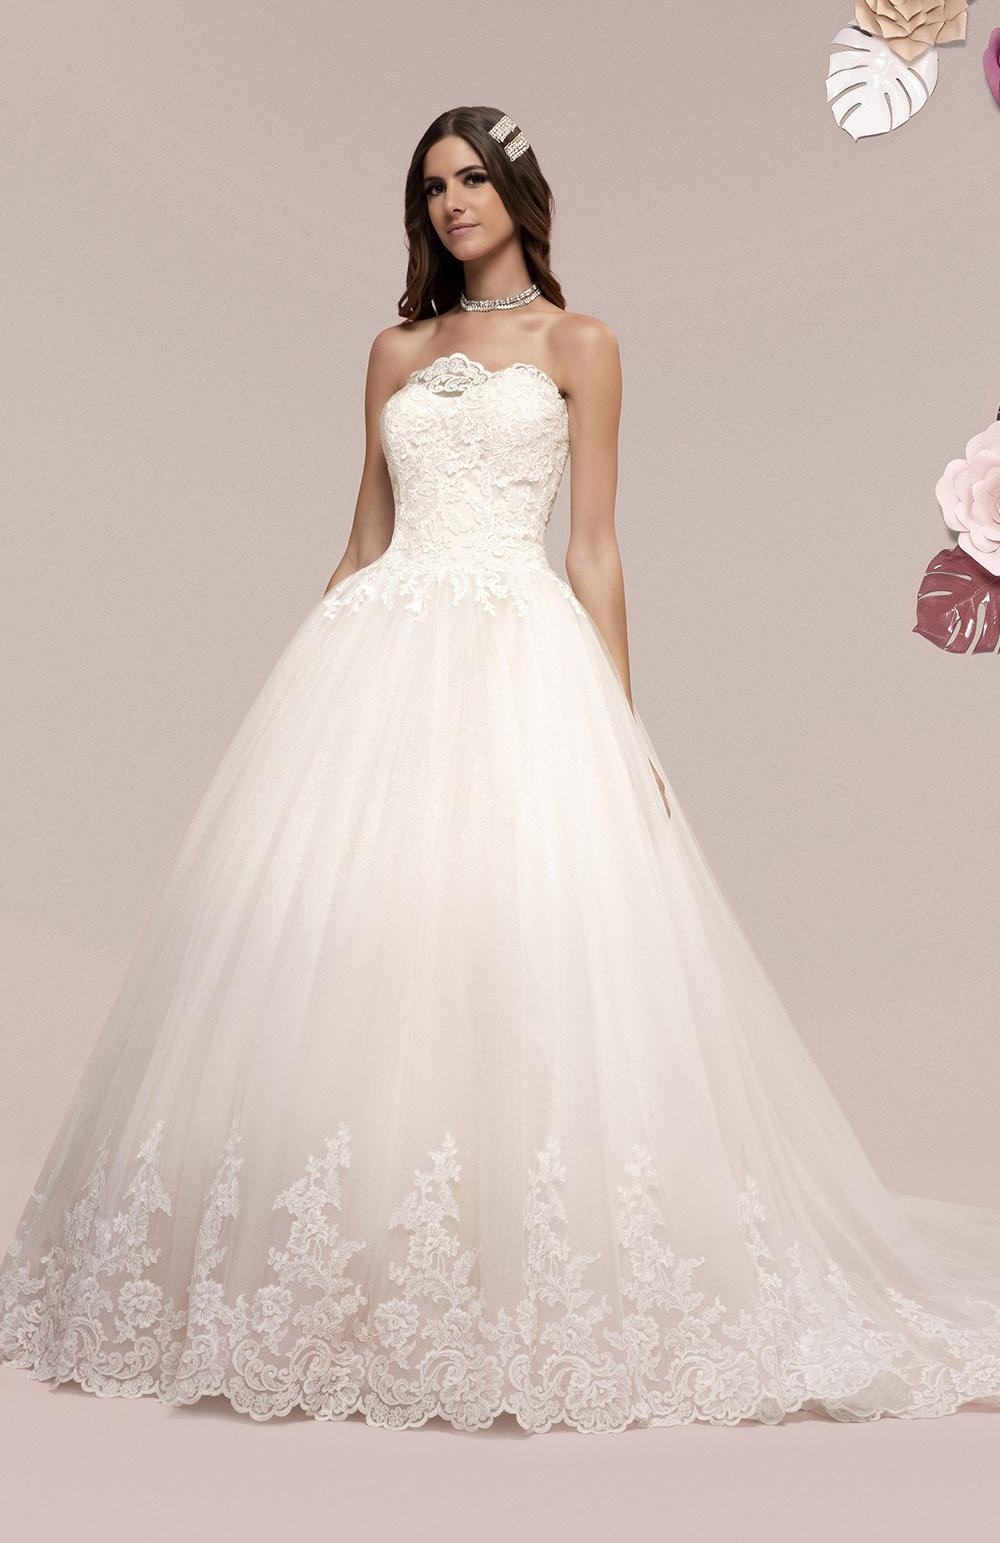 Robe de mariée Modèle Virgie